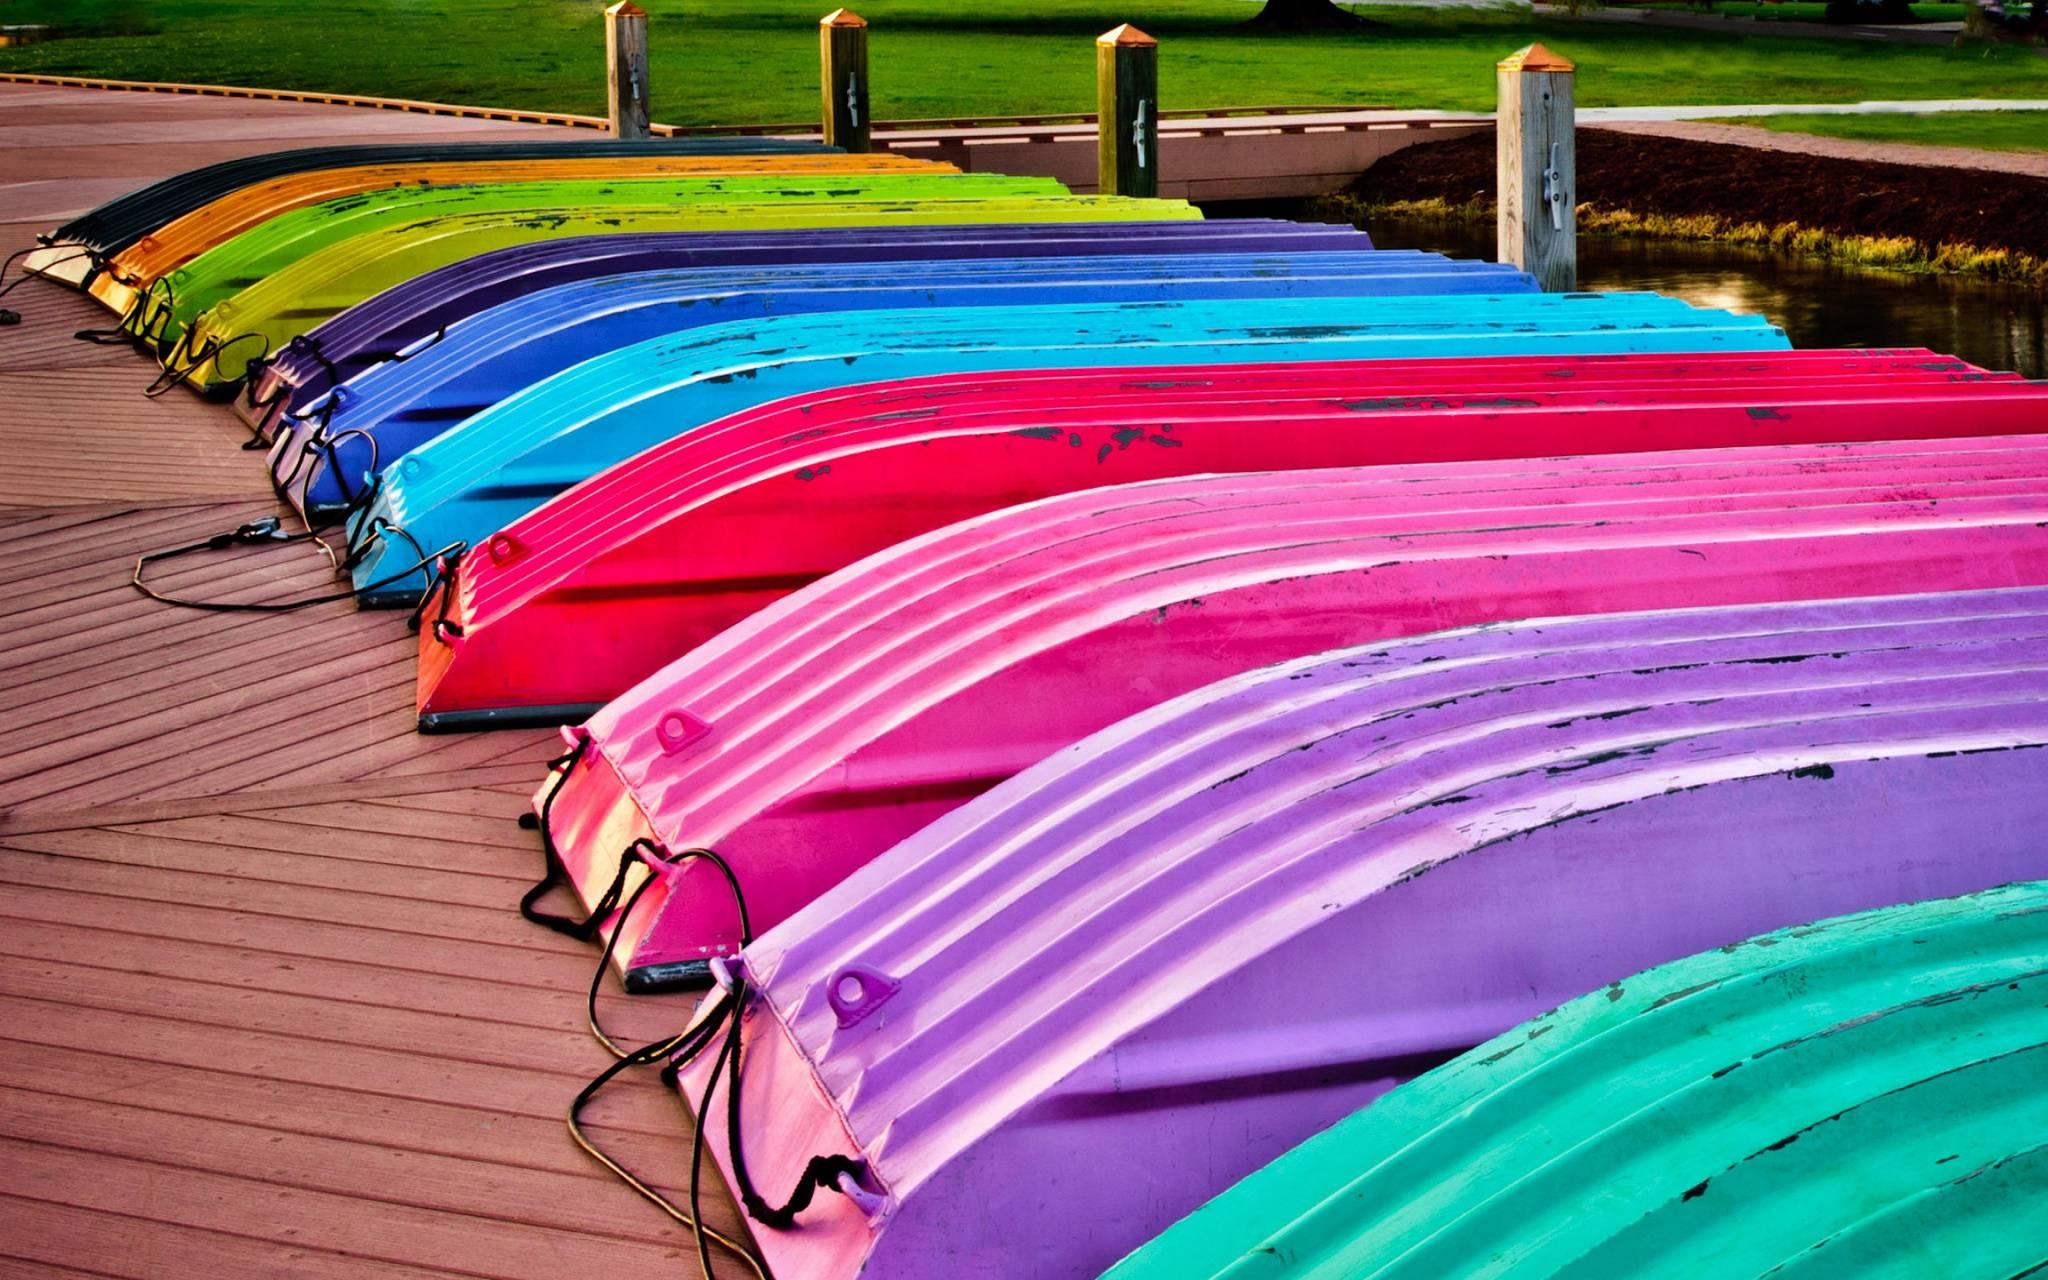 Xperia Z Flatboats